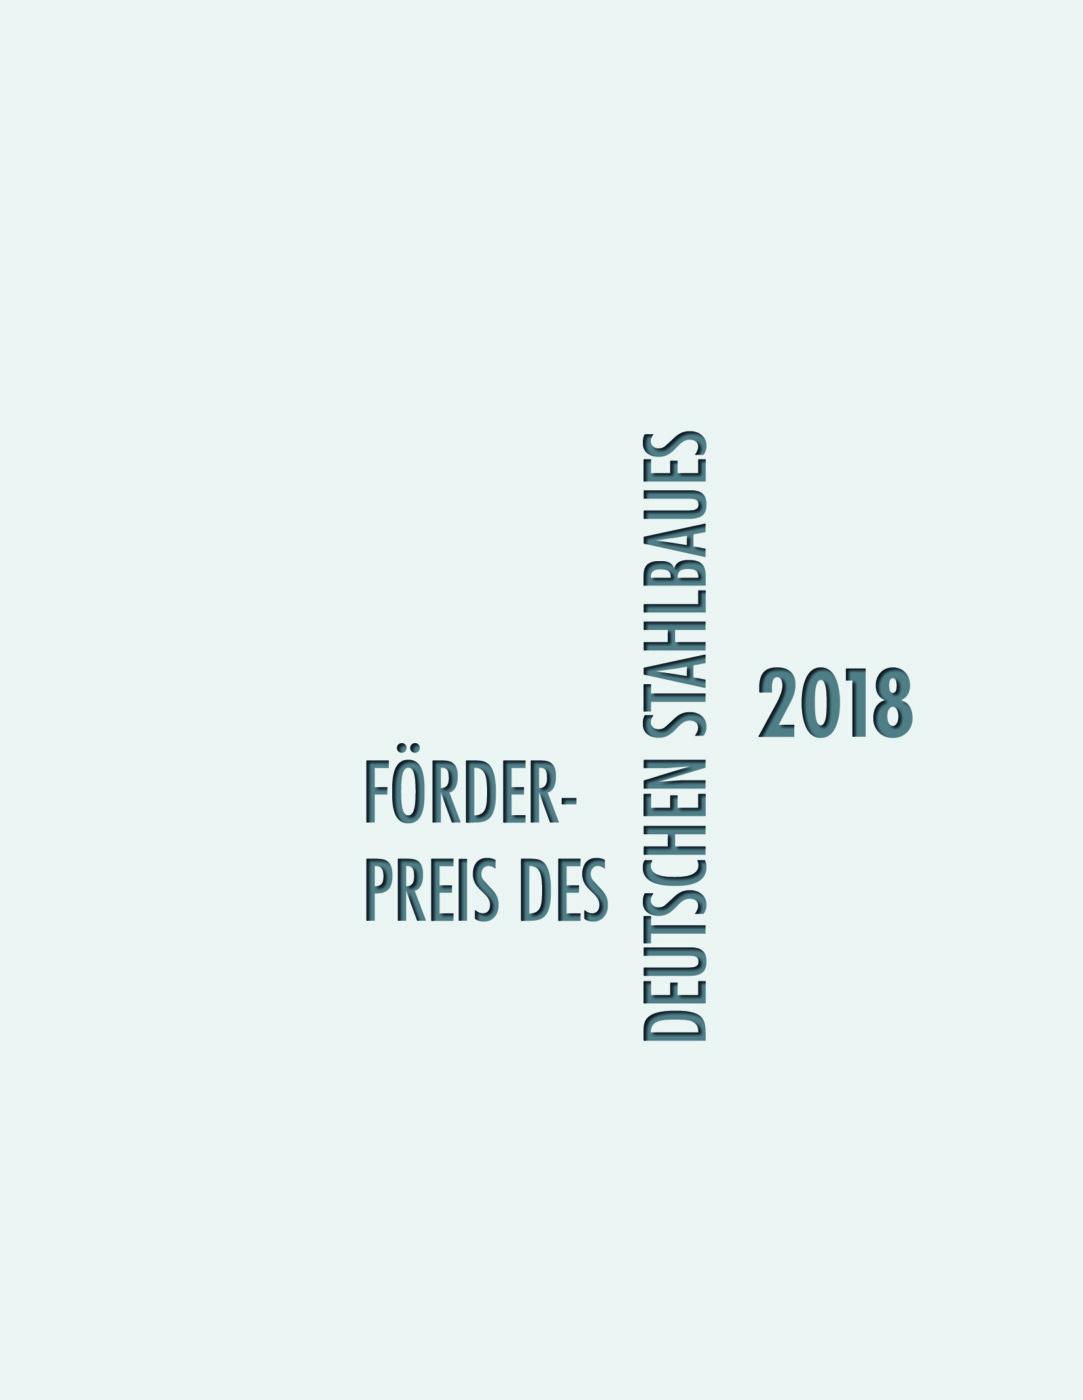 foerpreislogo_2018_auf_graublau_cmyk